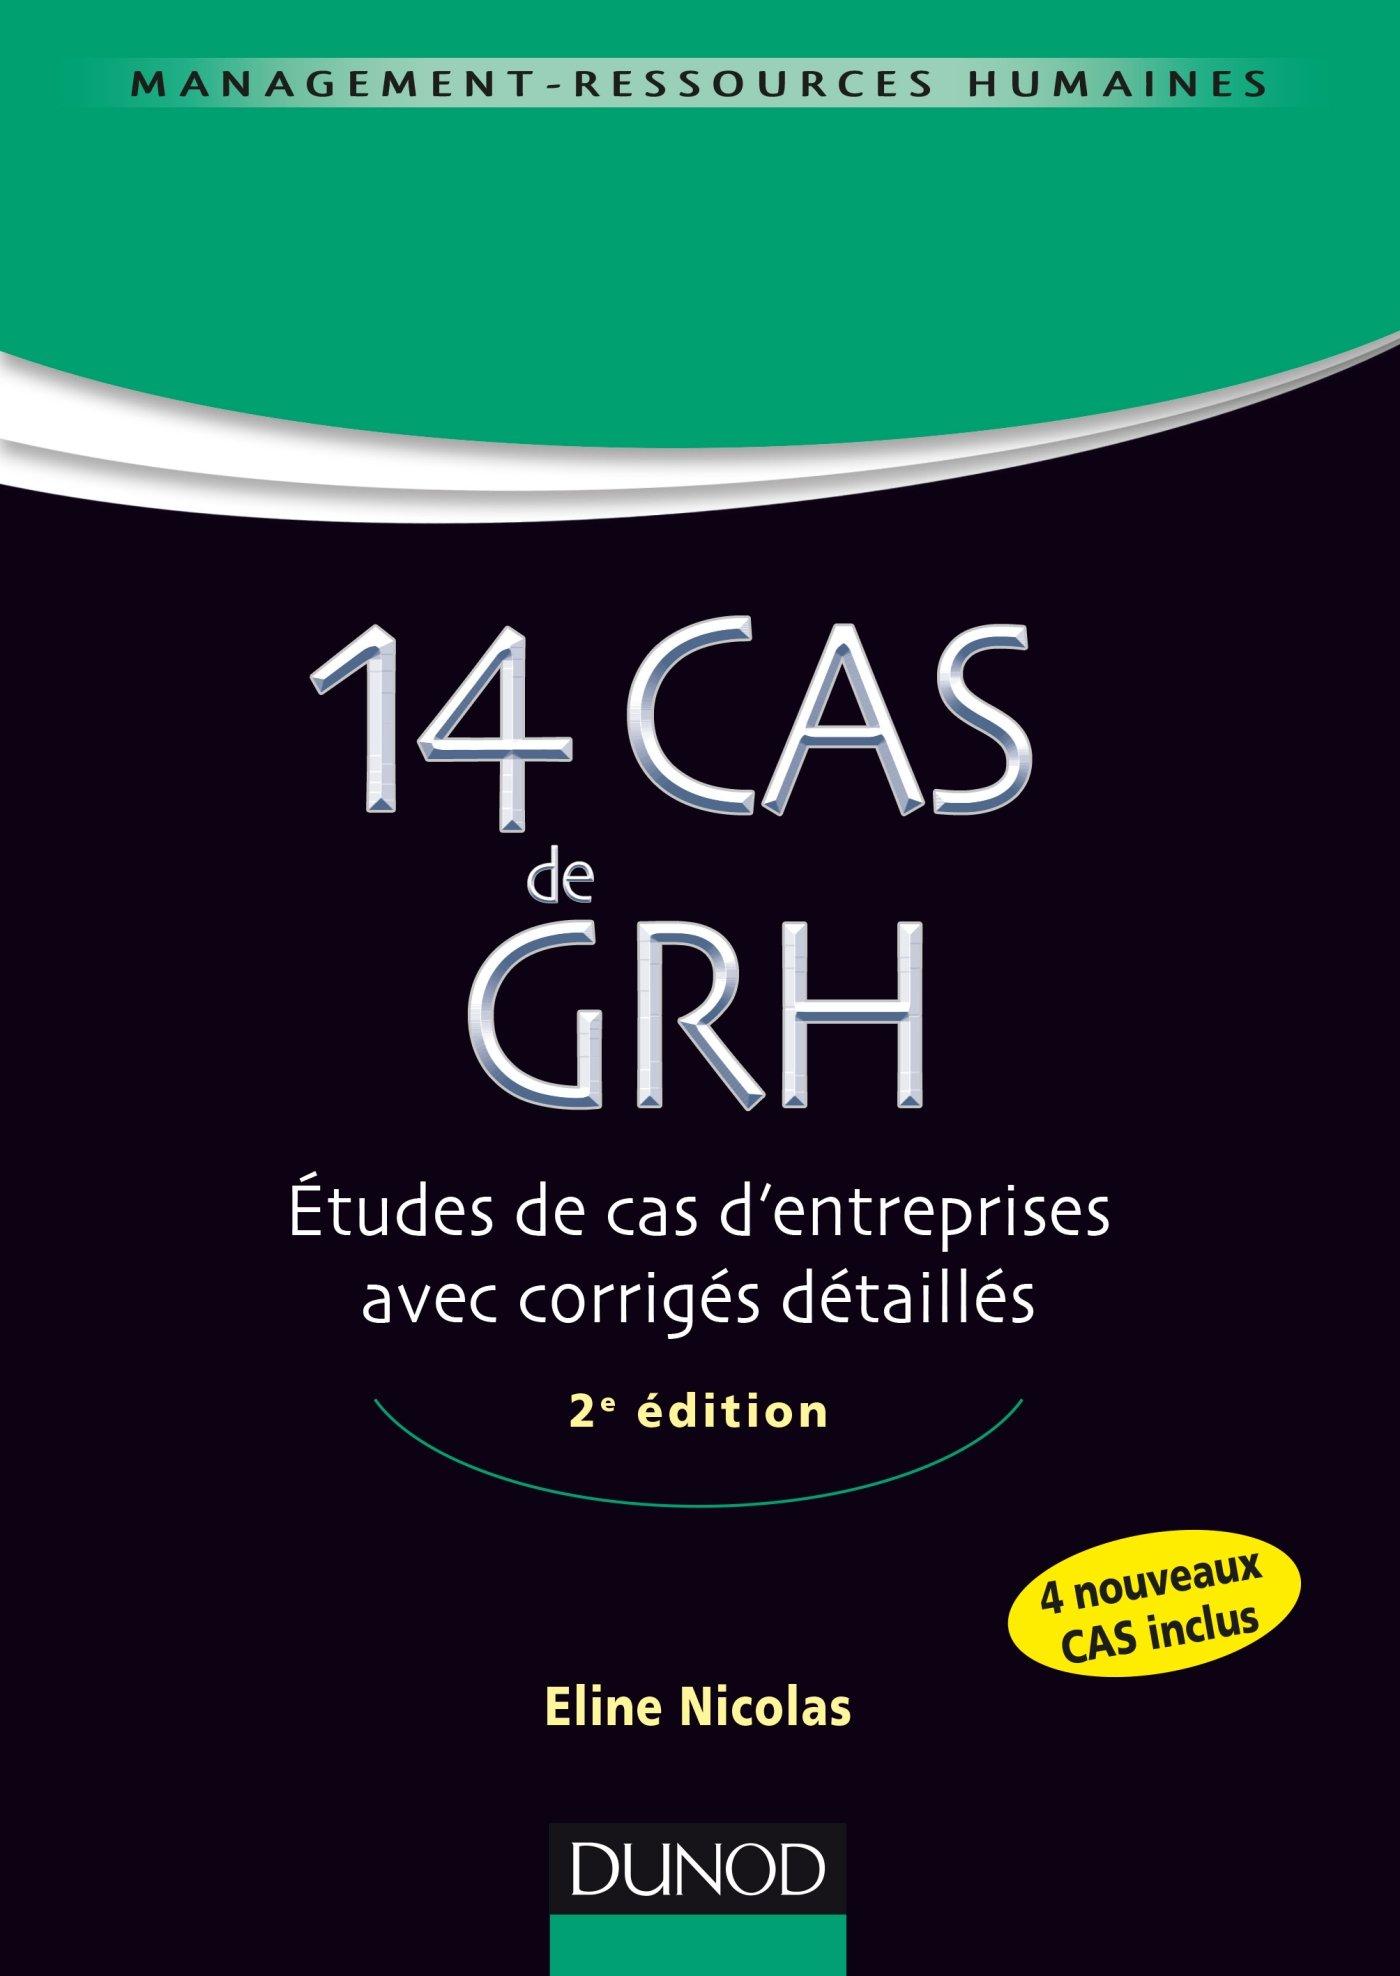 14 Cas de GRH - 2e éd. - Etudes de cas d'entreprises avec corrigés détaillés Broché – 18 mai 2016 Eline Nicolas Dunod 2100745344 Gestion